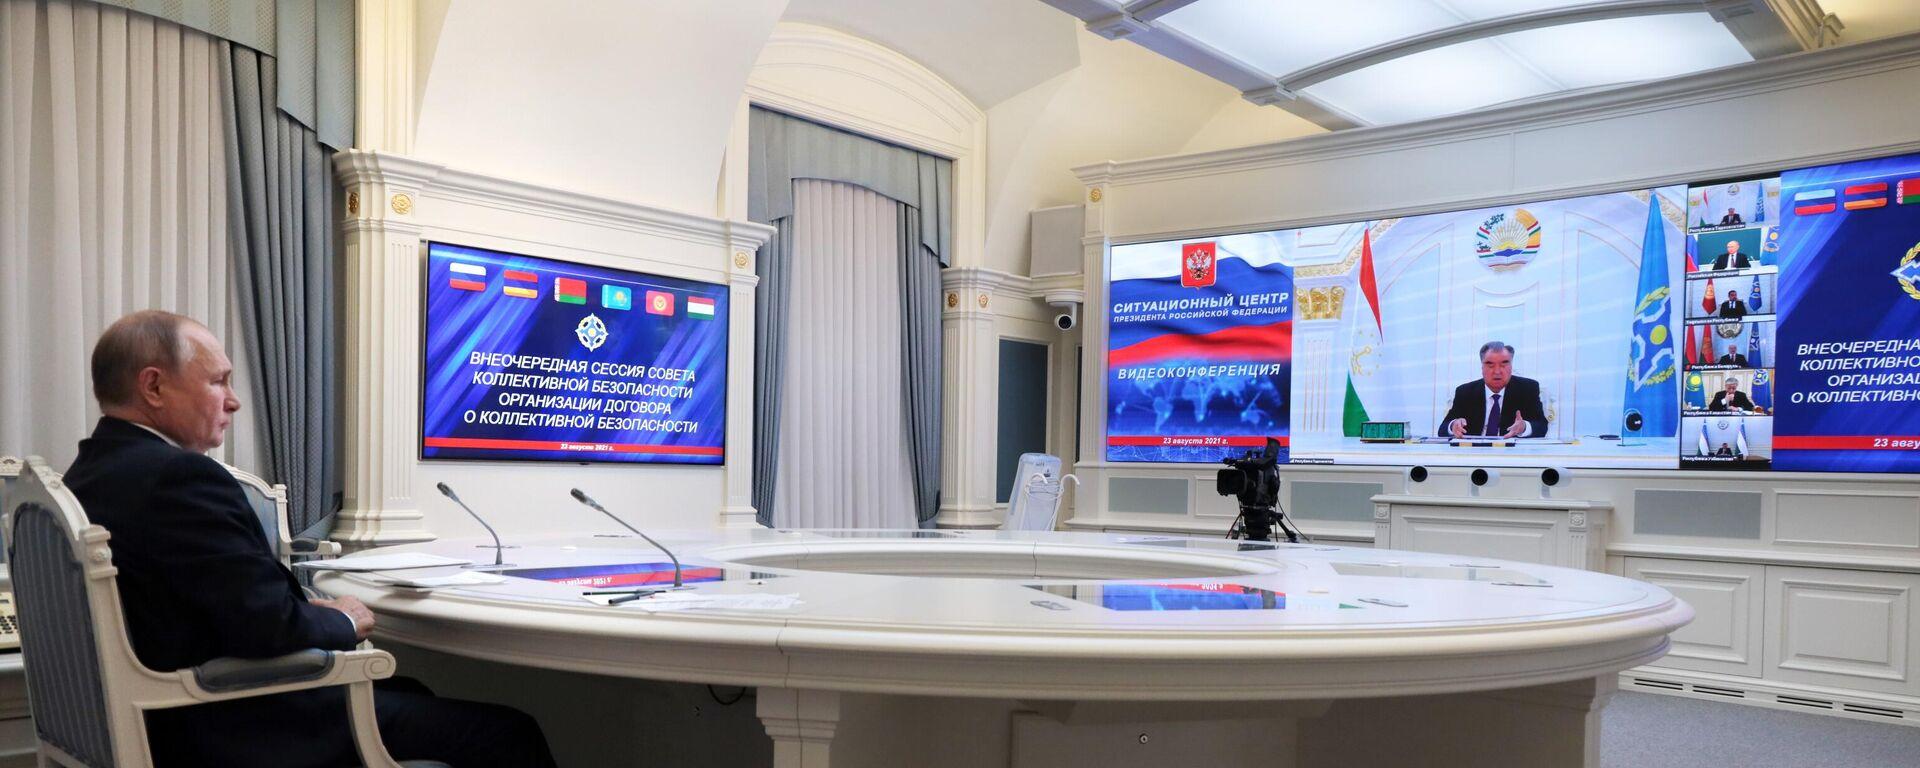 Президент РФ В. Путин принял участие во внеочередной сессии Совета коллективной безопасности ОДКБ - Sputnik Таджикистан, 1920, 23.08.2021